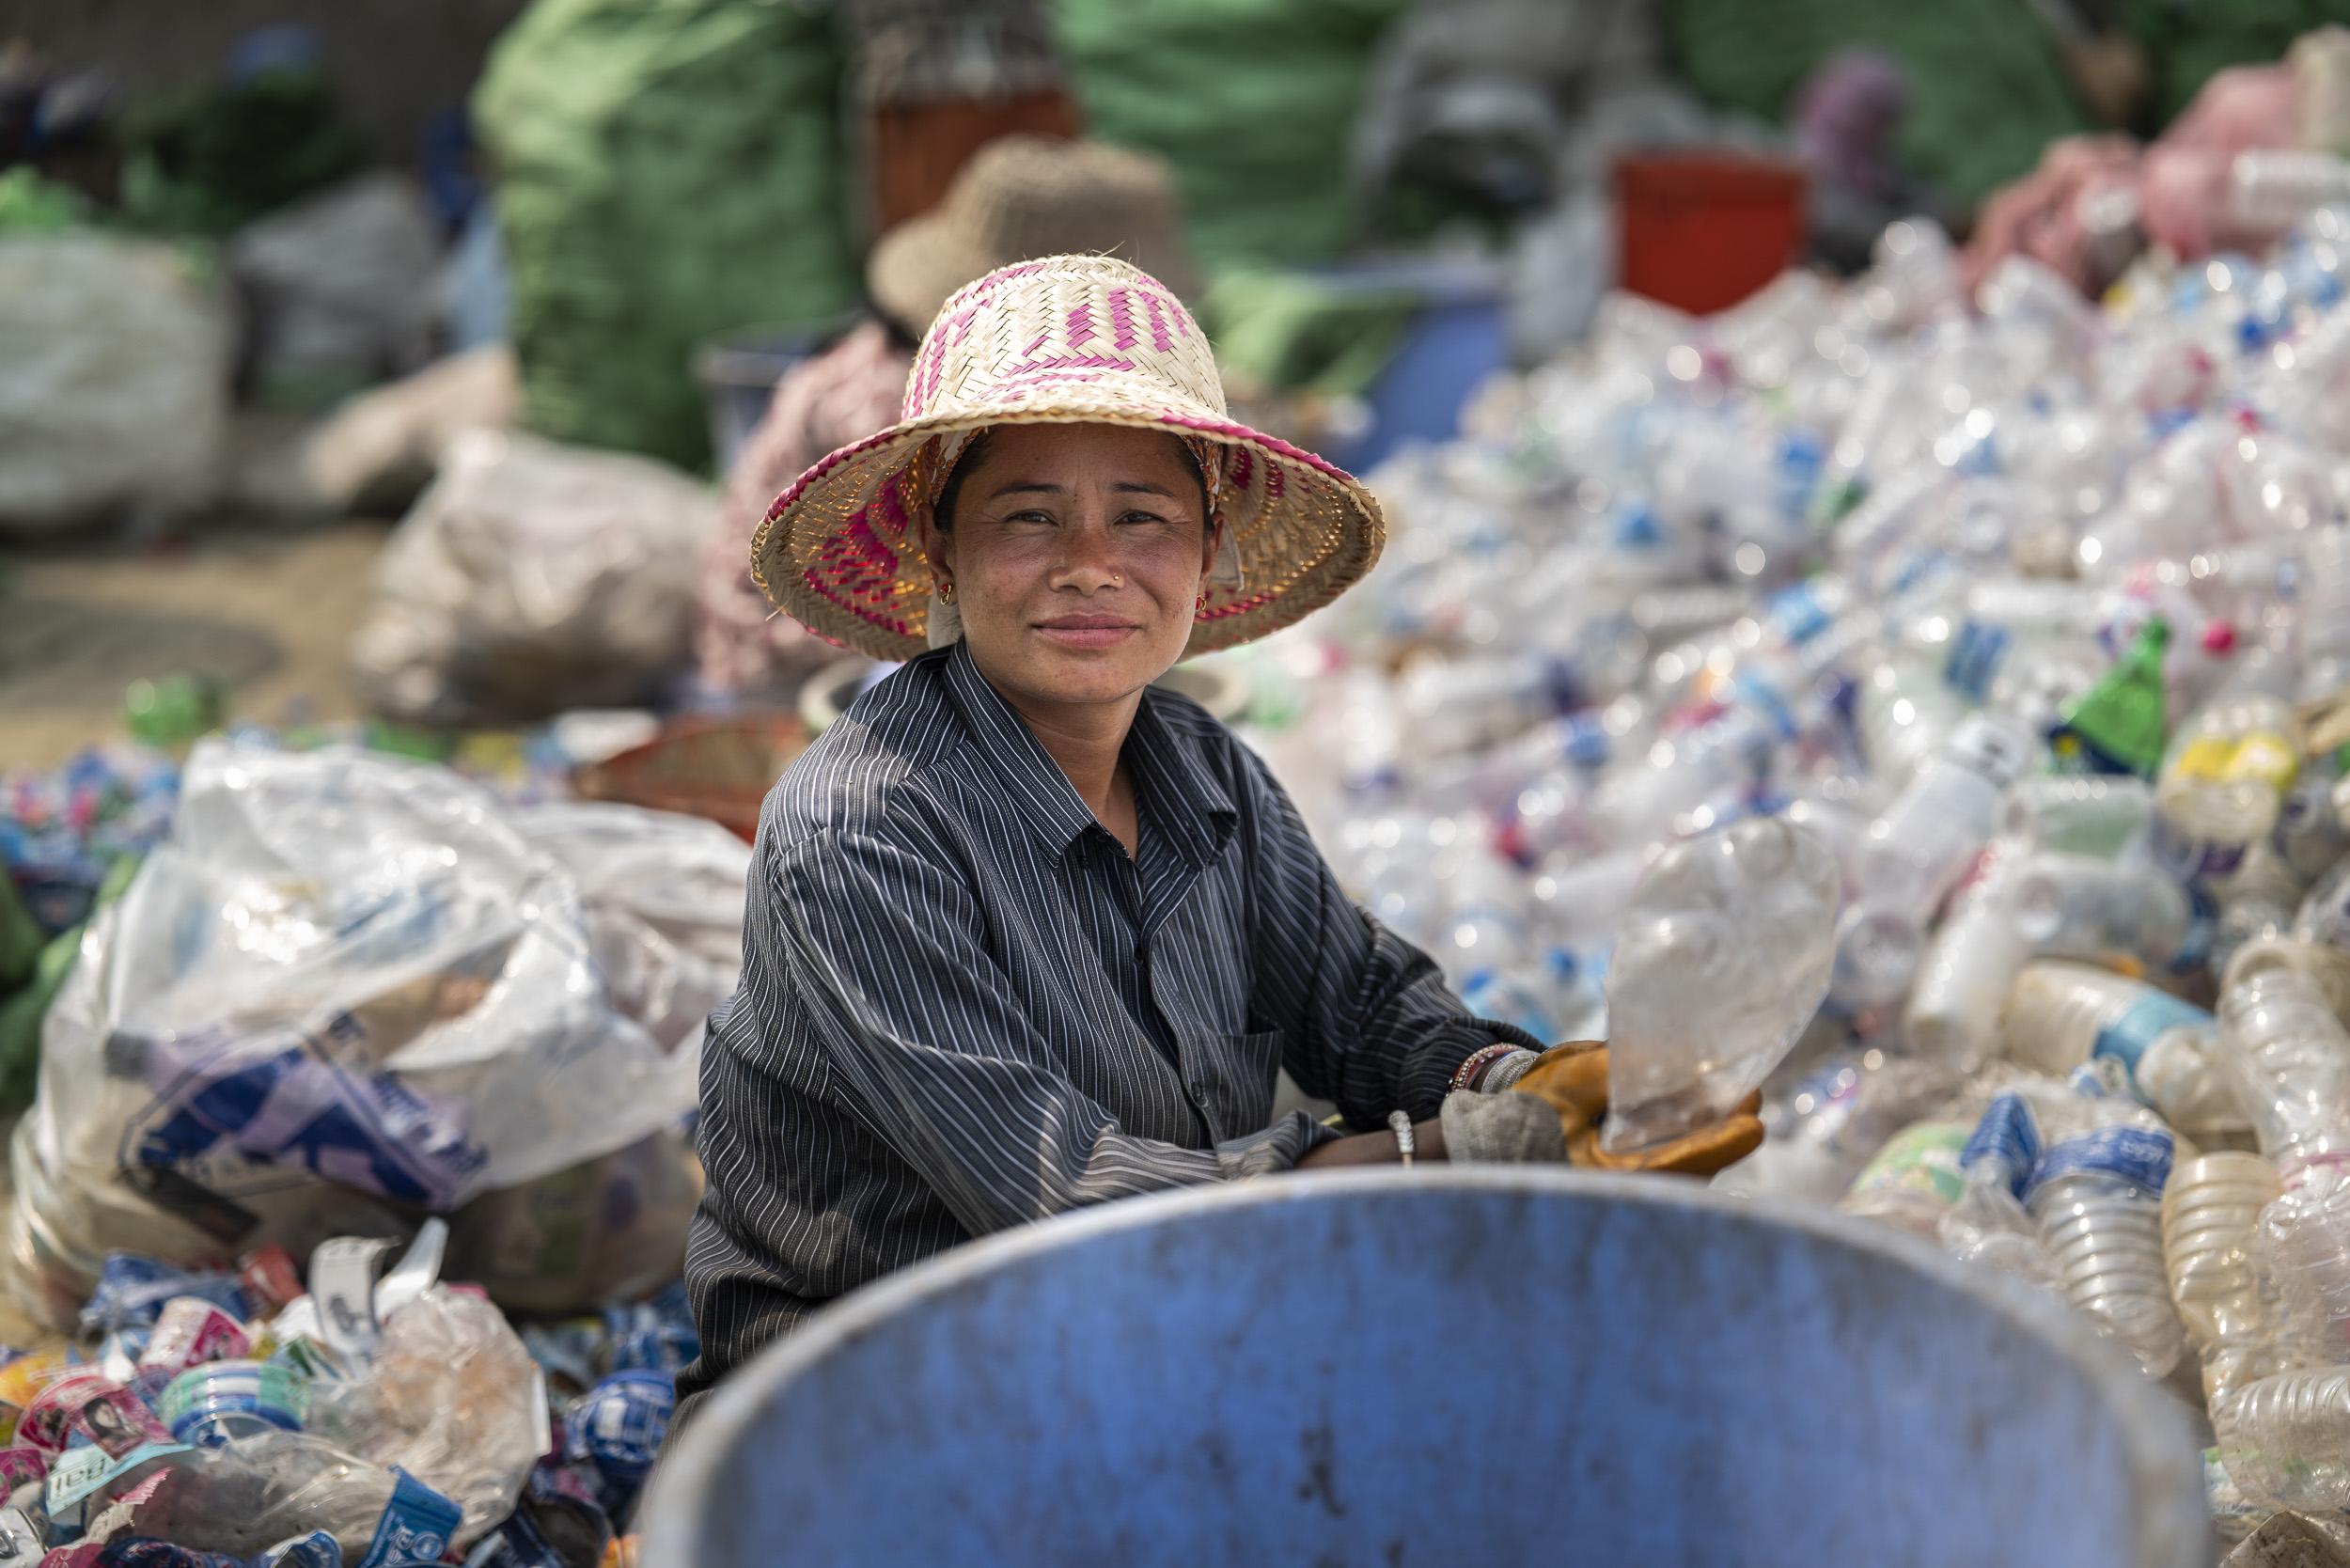 Voll offene Blende für dieses Portrait einer Mitarbeiterin in Nepals einziger PET-Recyclinganlage. Bei so kleinen Schärferäumen ist es empfehlenswert, viele Aufnahmen zu realisieren. Wenn Sie oder die Person im Bild sich nach dem Fokussieren nur um zwei Zentimeter nach vorn oder hinten bewegen, ist die Schärfe nicht mehr am richtigen Ort. Wenn Sie das Bild auf einem Socialmedia Kanal wie Facebook oder Instagram posten, wird das niemand merken. Wenn Sie allerdings einen gigantisch grossen Print erzeugen, wird die kleinste Fokussdifferenz unbarmherzig sichtbar. Panasonic S1R mit Lumix S 50 1.4 // 1/3200 sec // f 1.4 // 200 ISO // ungecropped